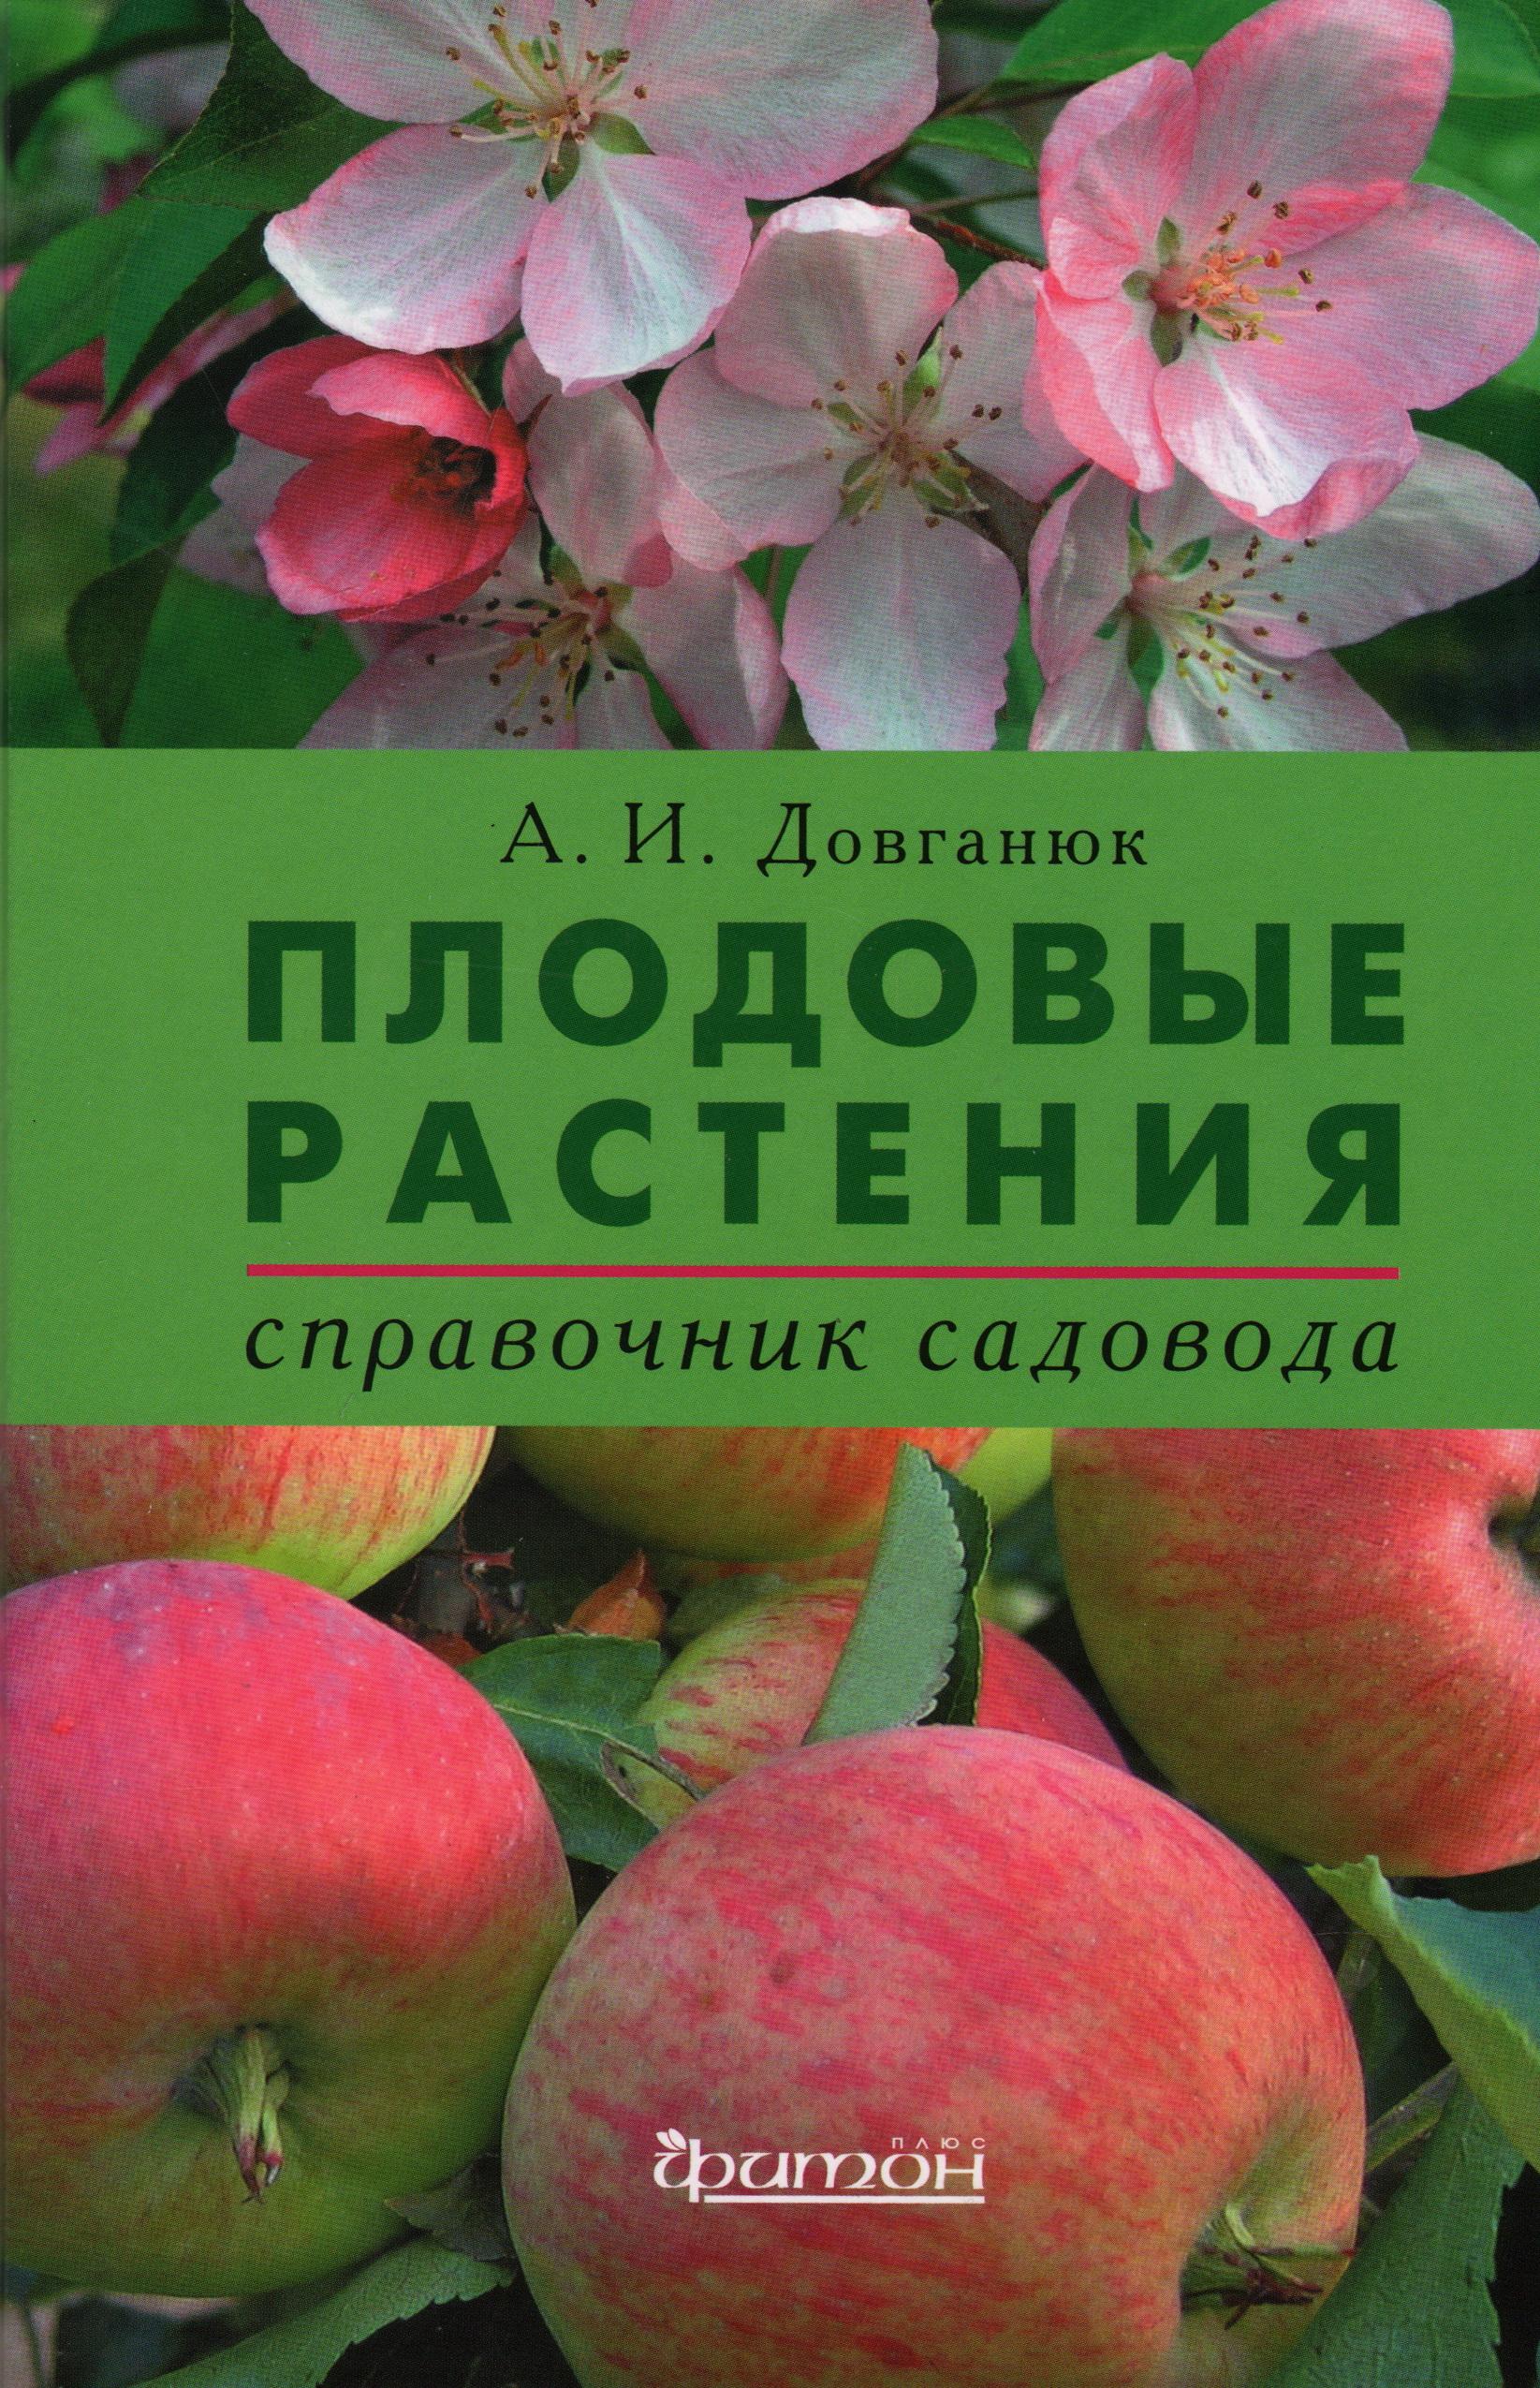 Довганюк А.И. Плодовые растения. витковский в плодовые растения мира